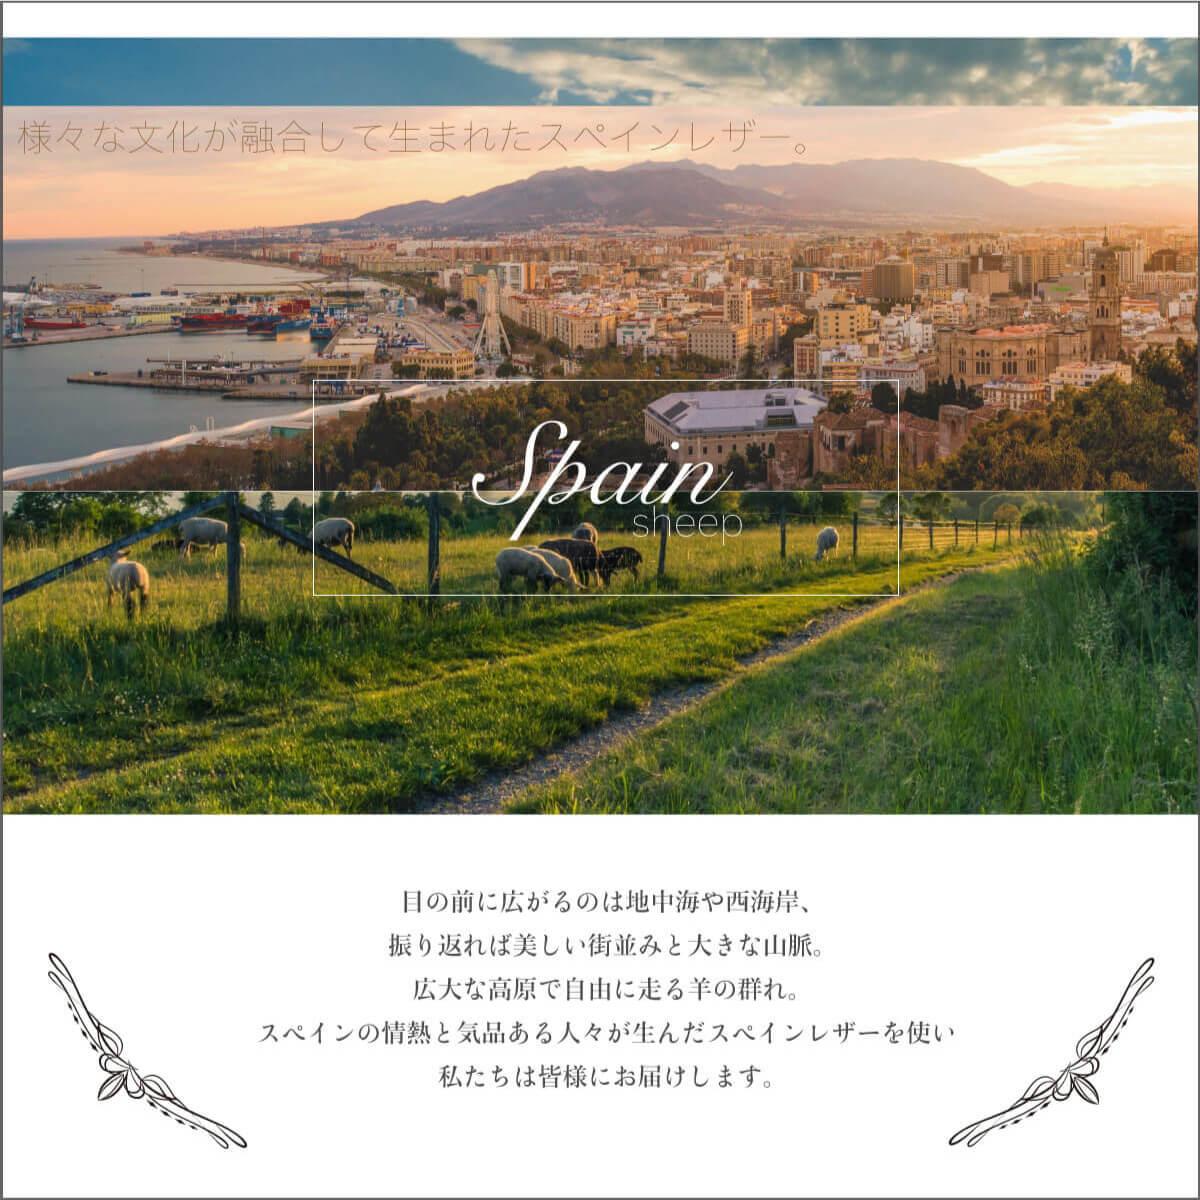 Polka スペインレザー コードクリップ 2ヶセット 羊革